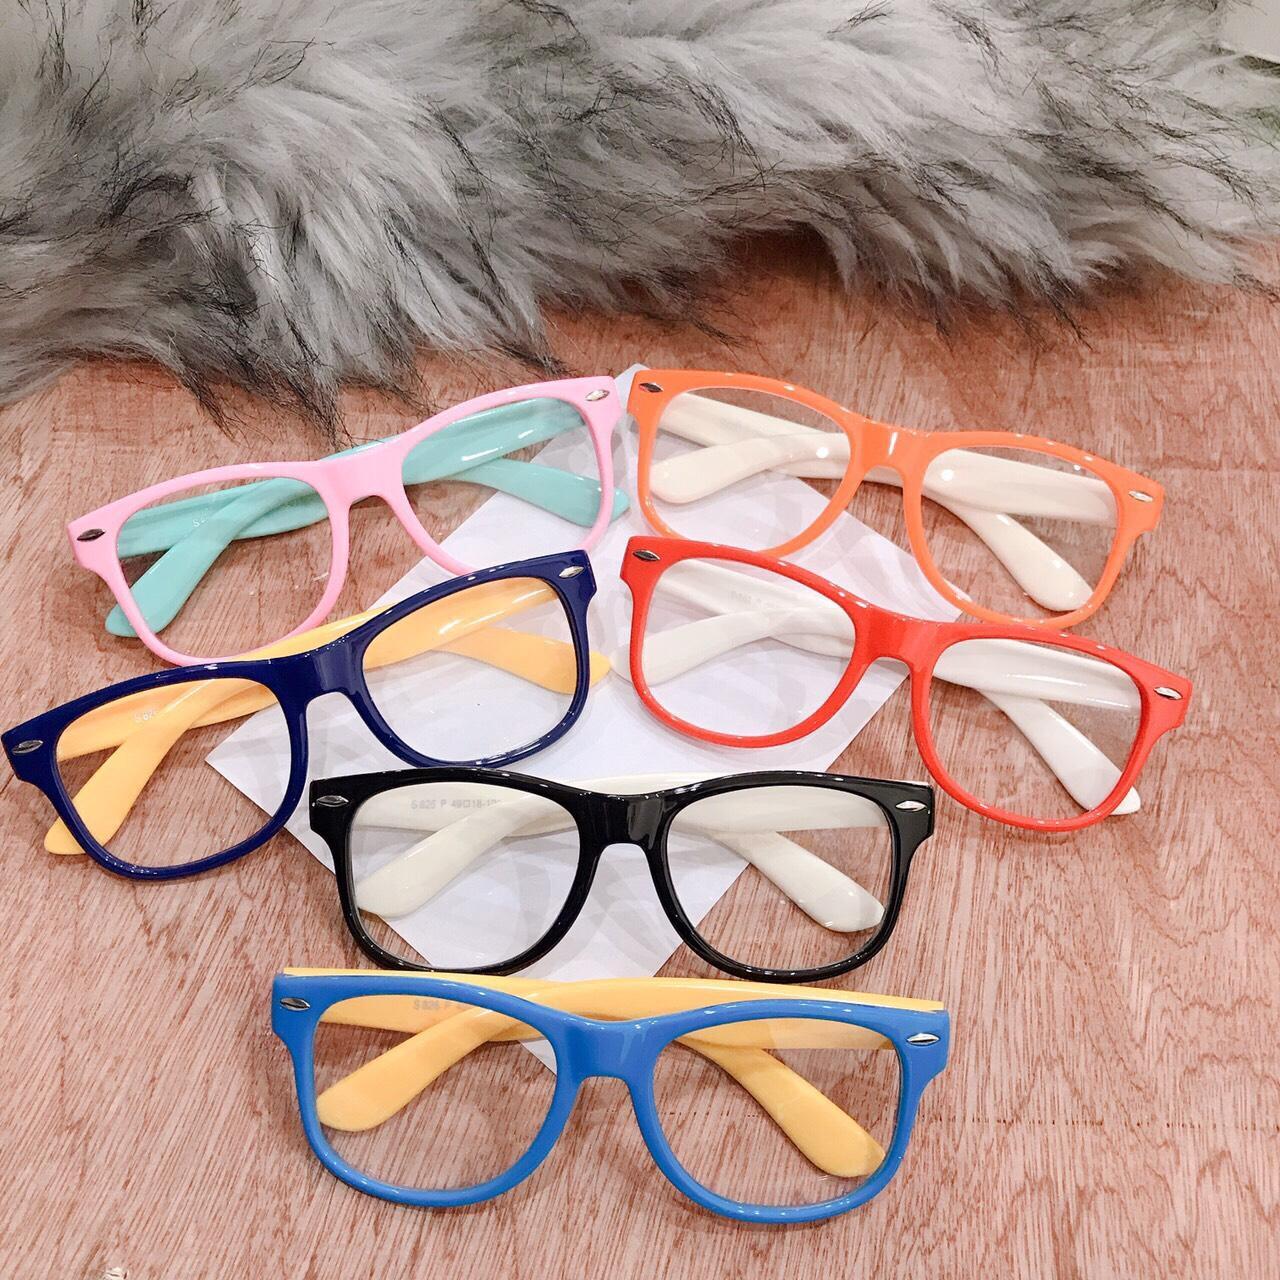 Giá bán kính mát cho bé BY02 kính mát thời trang, quà tặng cho bé nhân ngày quốc tế thiếu nhi 1/6, gọng kính mền dẻo, chòng kính an toàn cho mắt bé ( Tặng kèm túi kính )